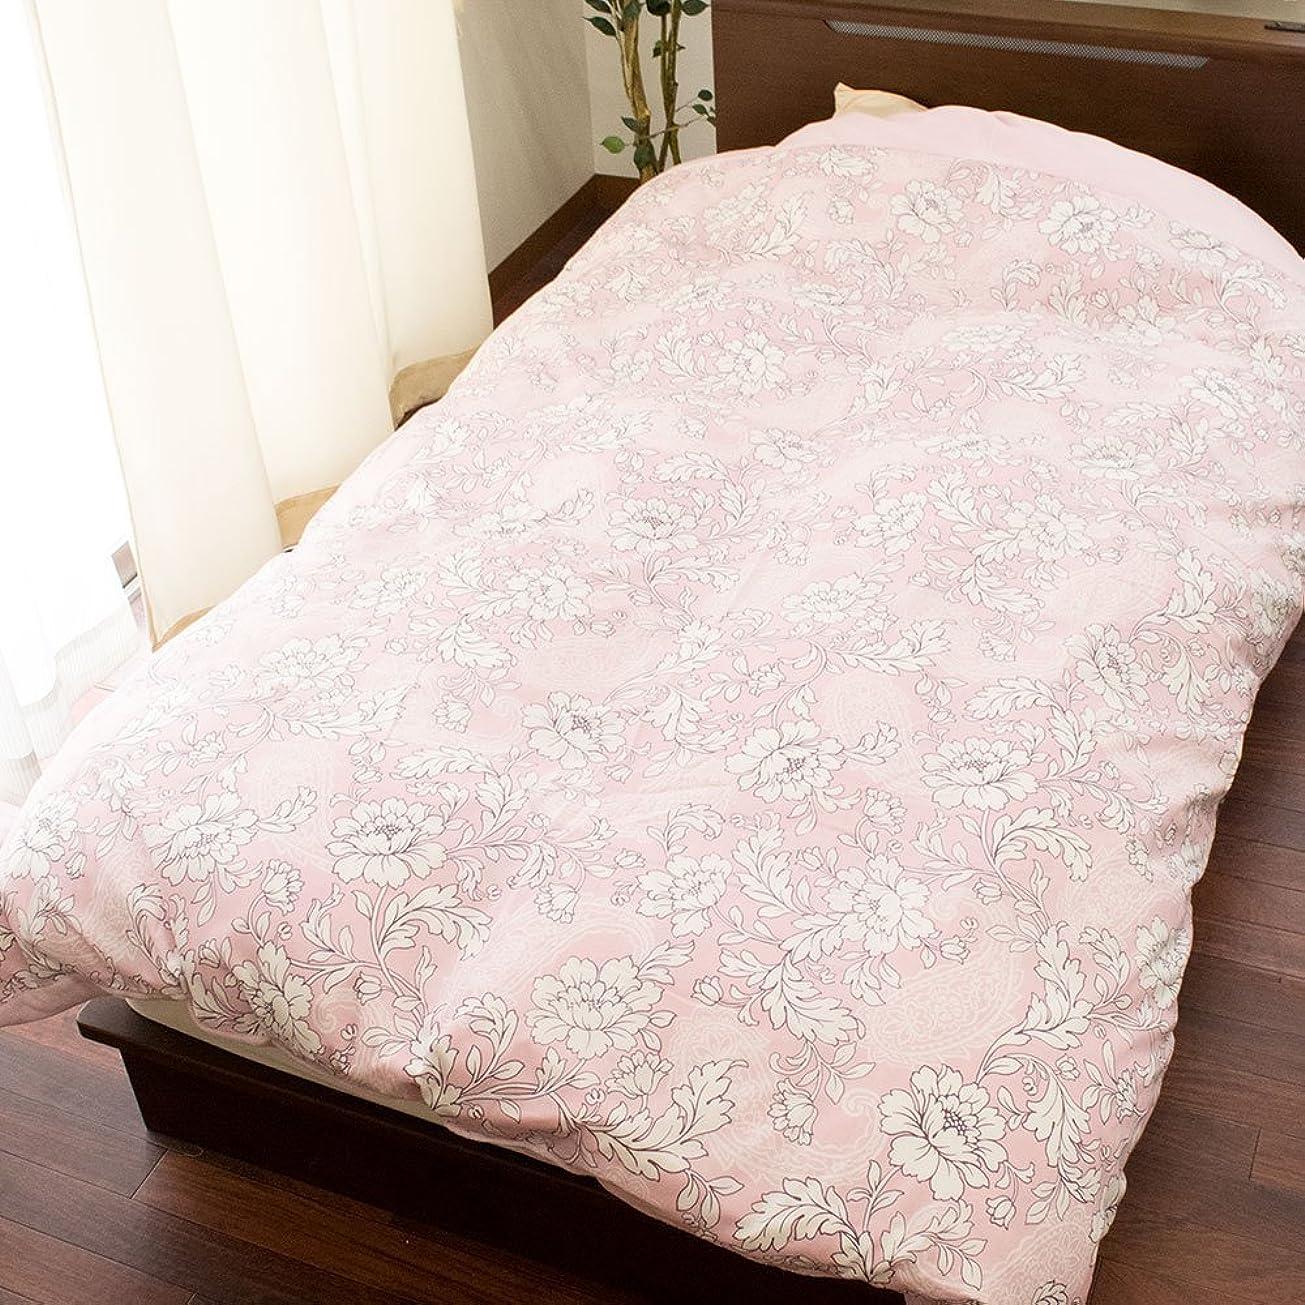 橋バクテリアミトン京都西川 掛け布団カバー シングル 冬用 洗える ピンク フランネル 毛布としても使える かわいい 花柄 8ヶ所スナップボタン付き 150×210cm シングルロング